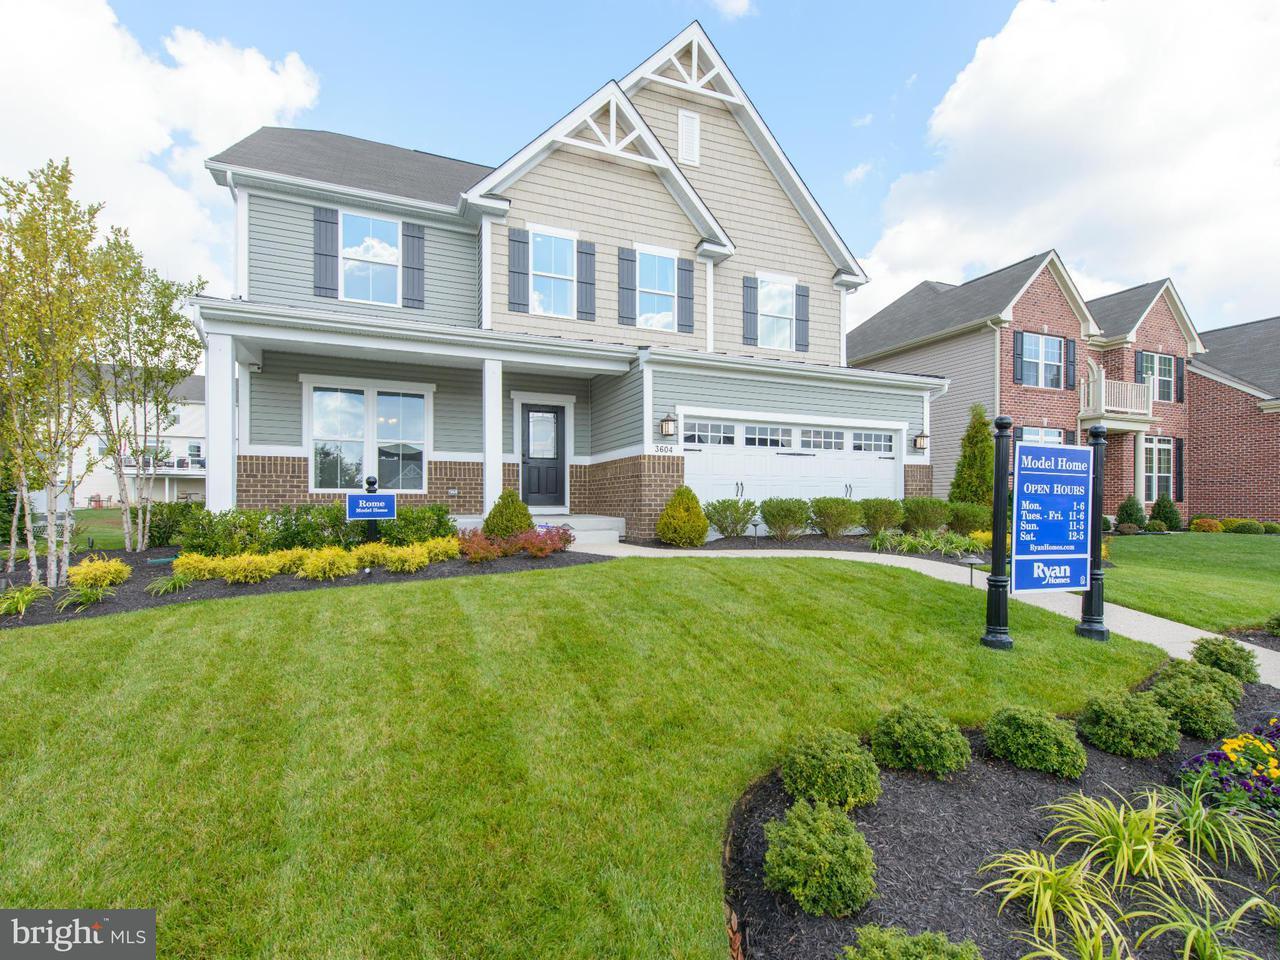 独户住宅 为 销售 在 11507 AUTUMN TERRACE 11507 AUTUMN TERRACE White Marsh, 马里兰州 21162 美国